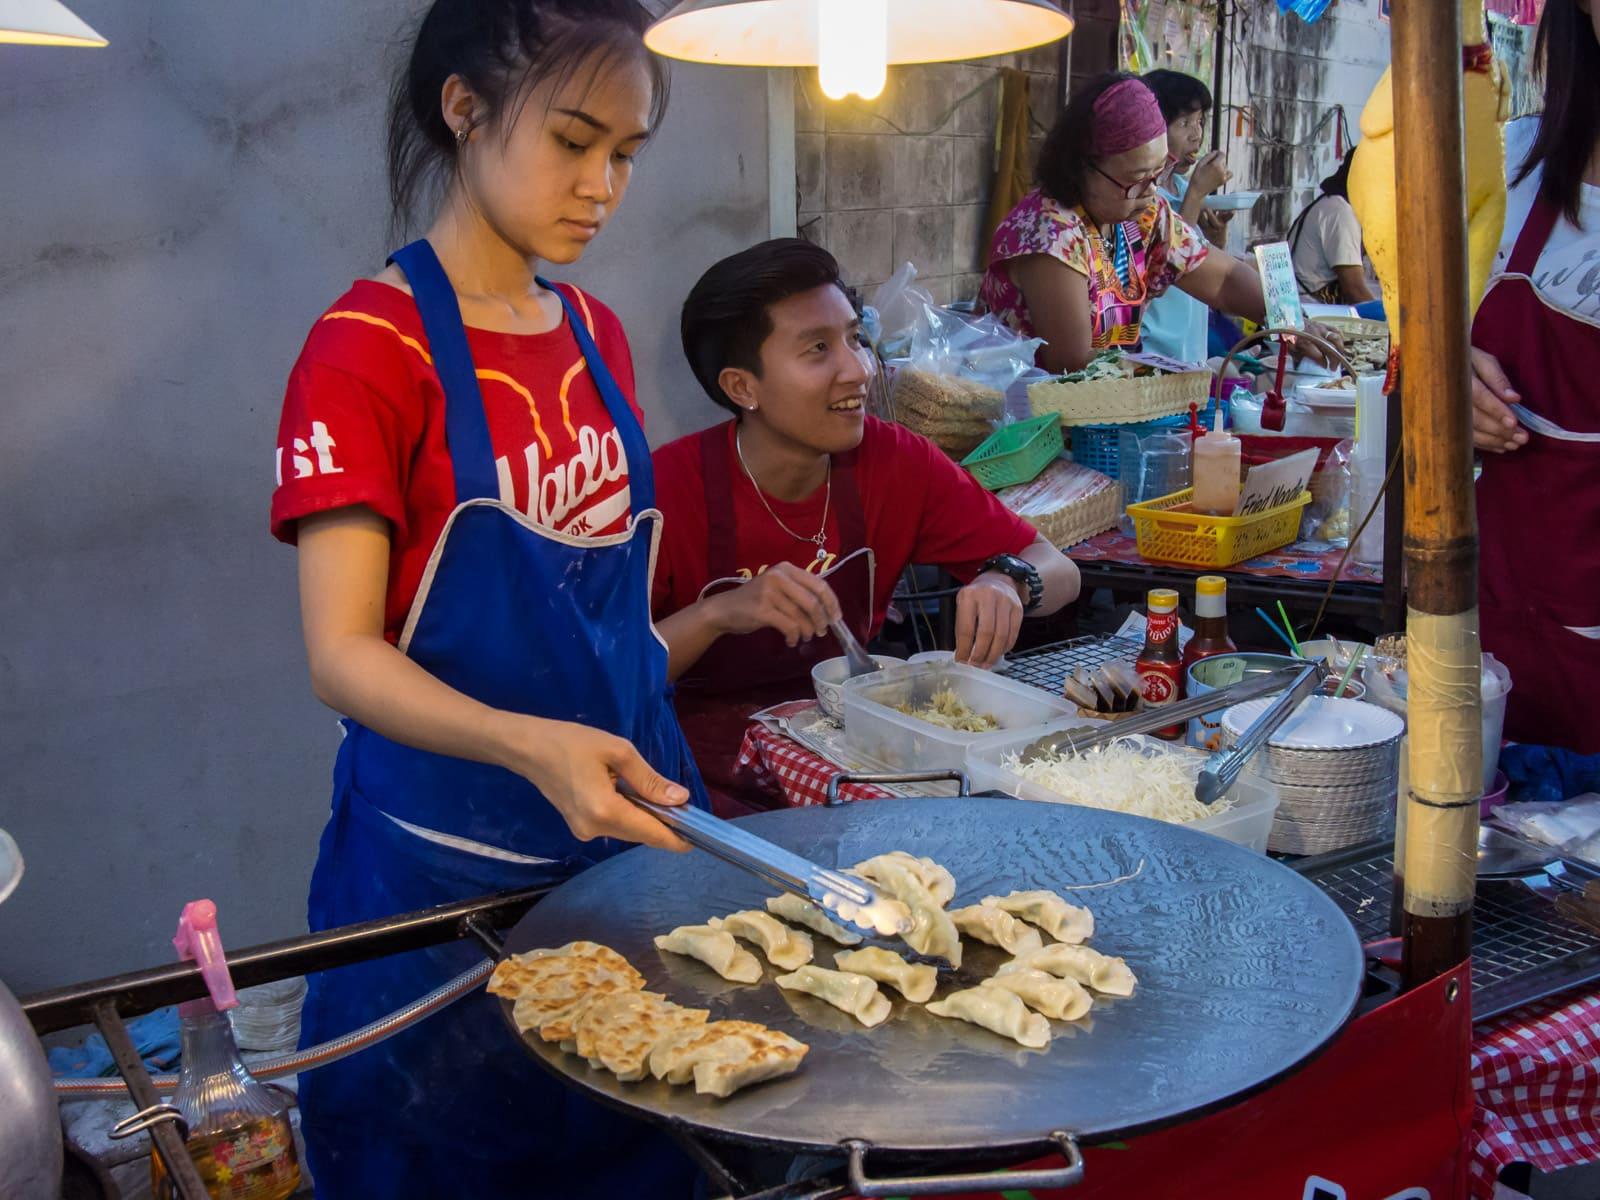 Young woman frying dumplings in night market